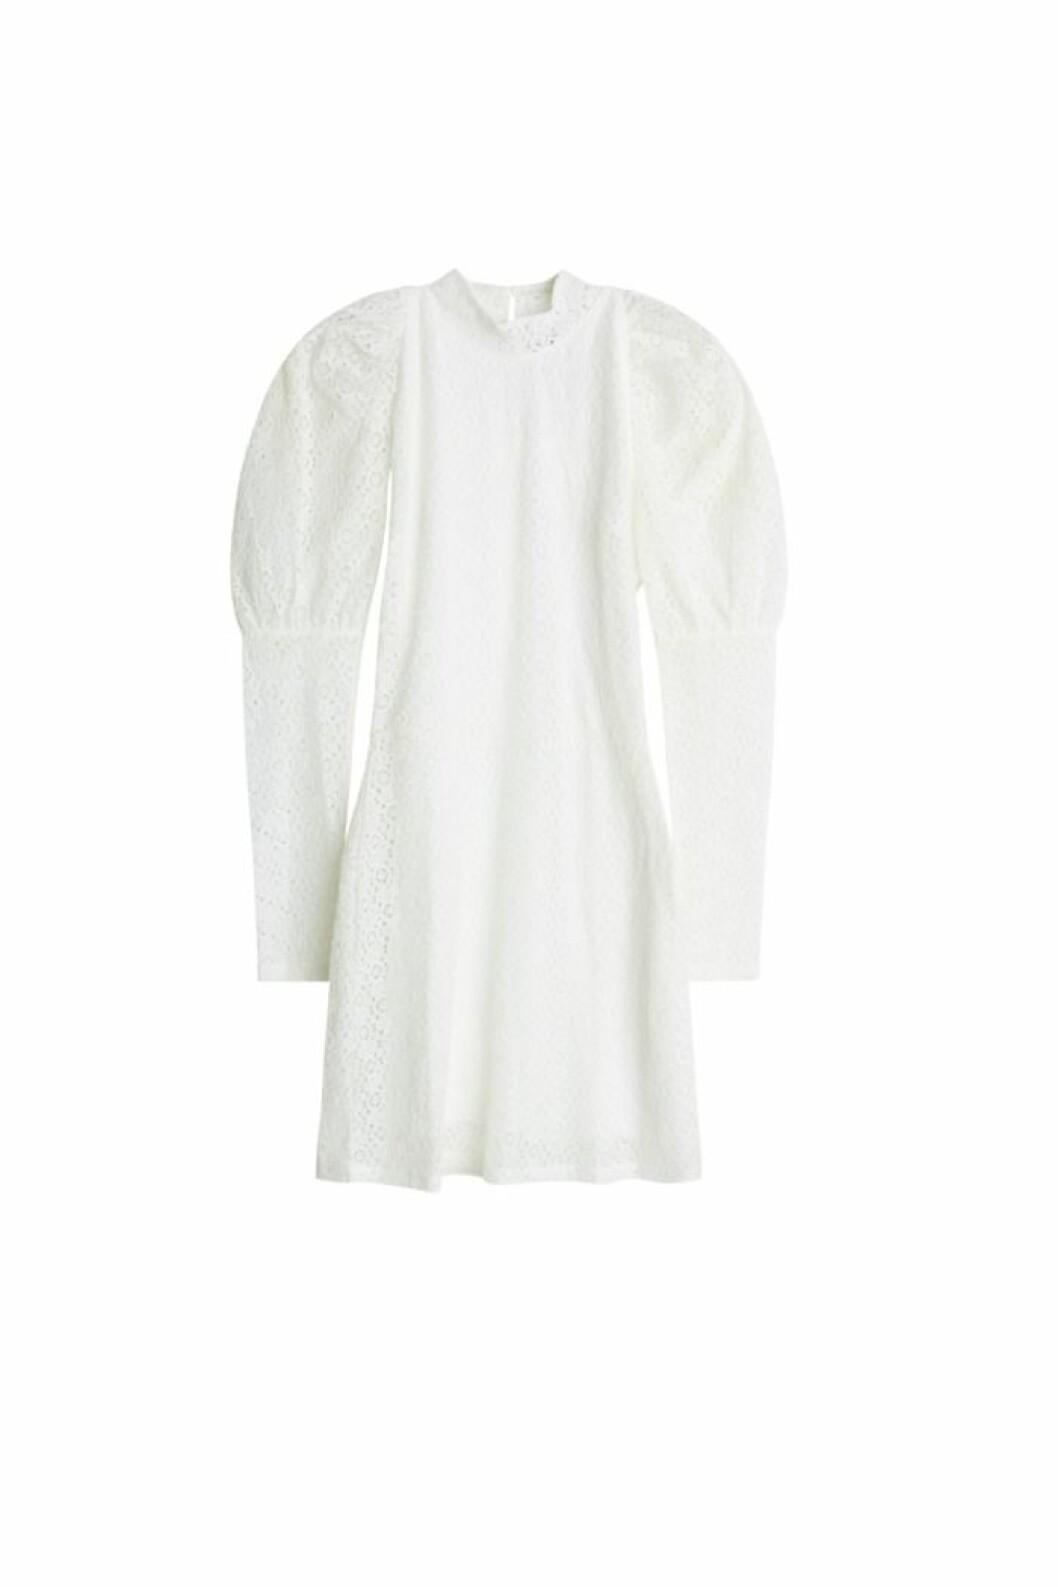 Maja Nilsson Lindelöf släpper kollektion med Gina tricot –vit klänning med puffärm